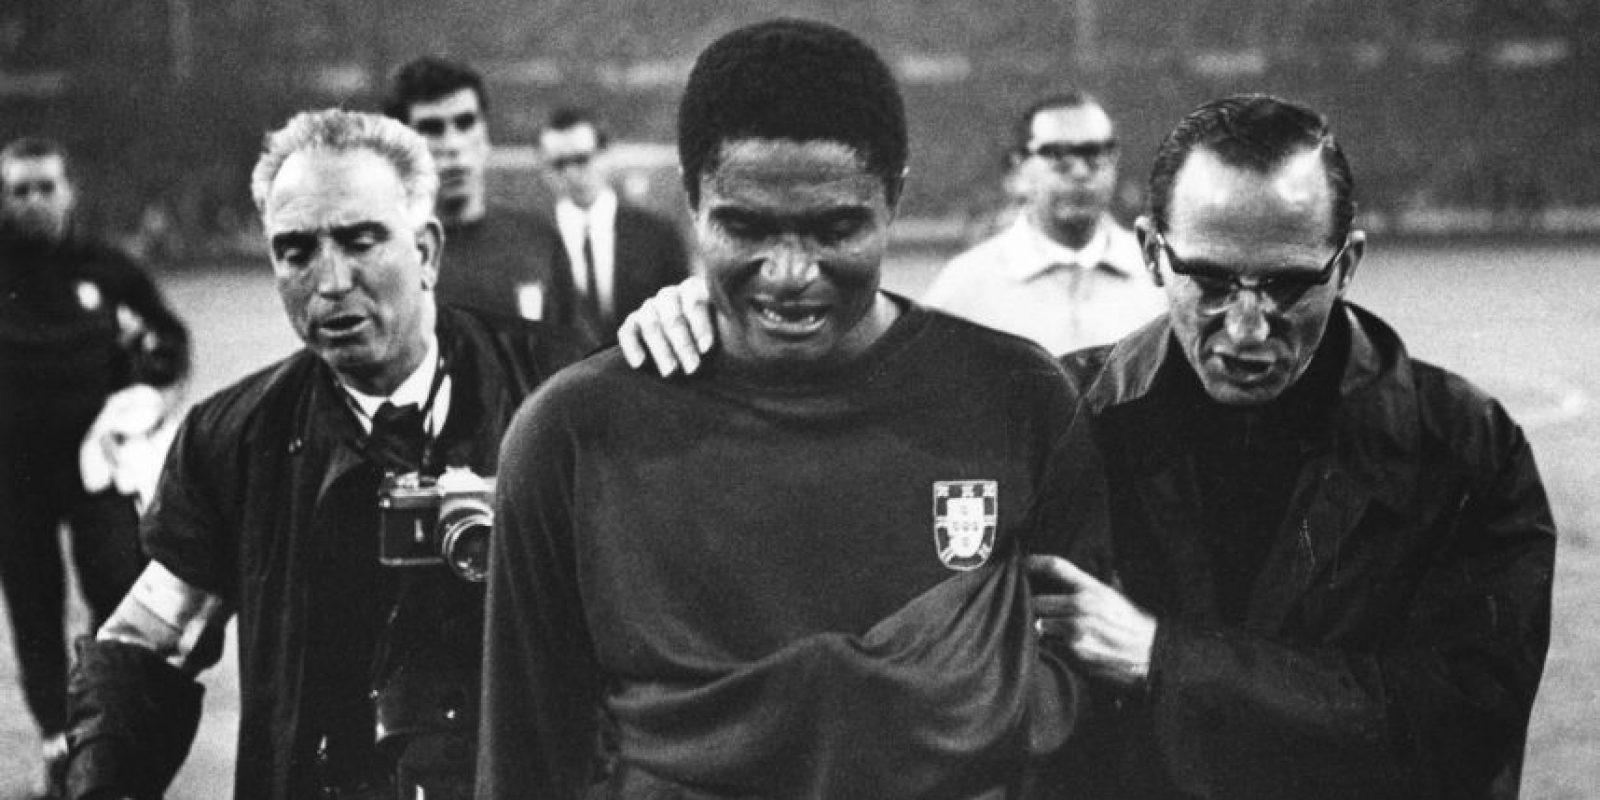 La 'Pantera' era un goleador letal y probablemente el mejor jugador que ha tenido Portugal, pese a los debates que lo comparan con Luis Figo y Cristiano Ronaldo. Con Benfica ganó todo lo que pudo y ese mismo éxito no lo pudo repetir con su selección. Acarició el título en Inglaterra 1966, pero cayó en semifinales ante el local y su premio de consuelo fue ser el goleador del torneo con 9 anotaciones. Foto:Getty Images